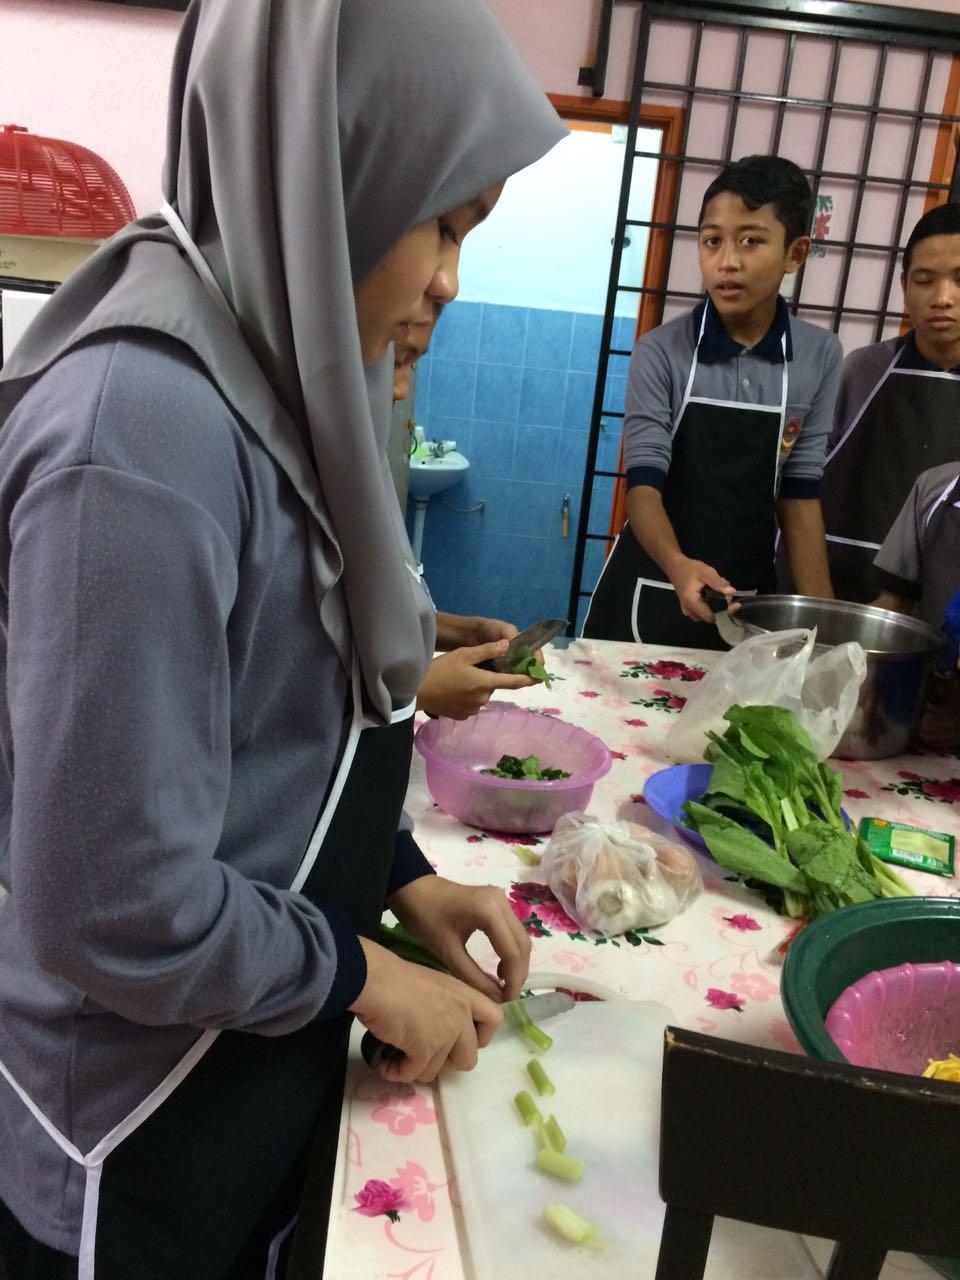 Kelas Asas Vokasional Masakan Kssm Portal Rasmi Pendidikan Khas Smk Pengkalan Chepa 2